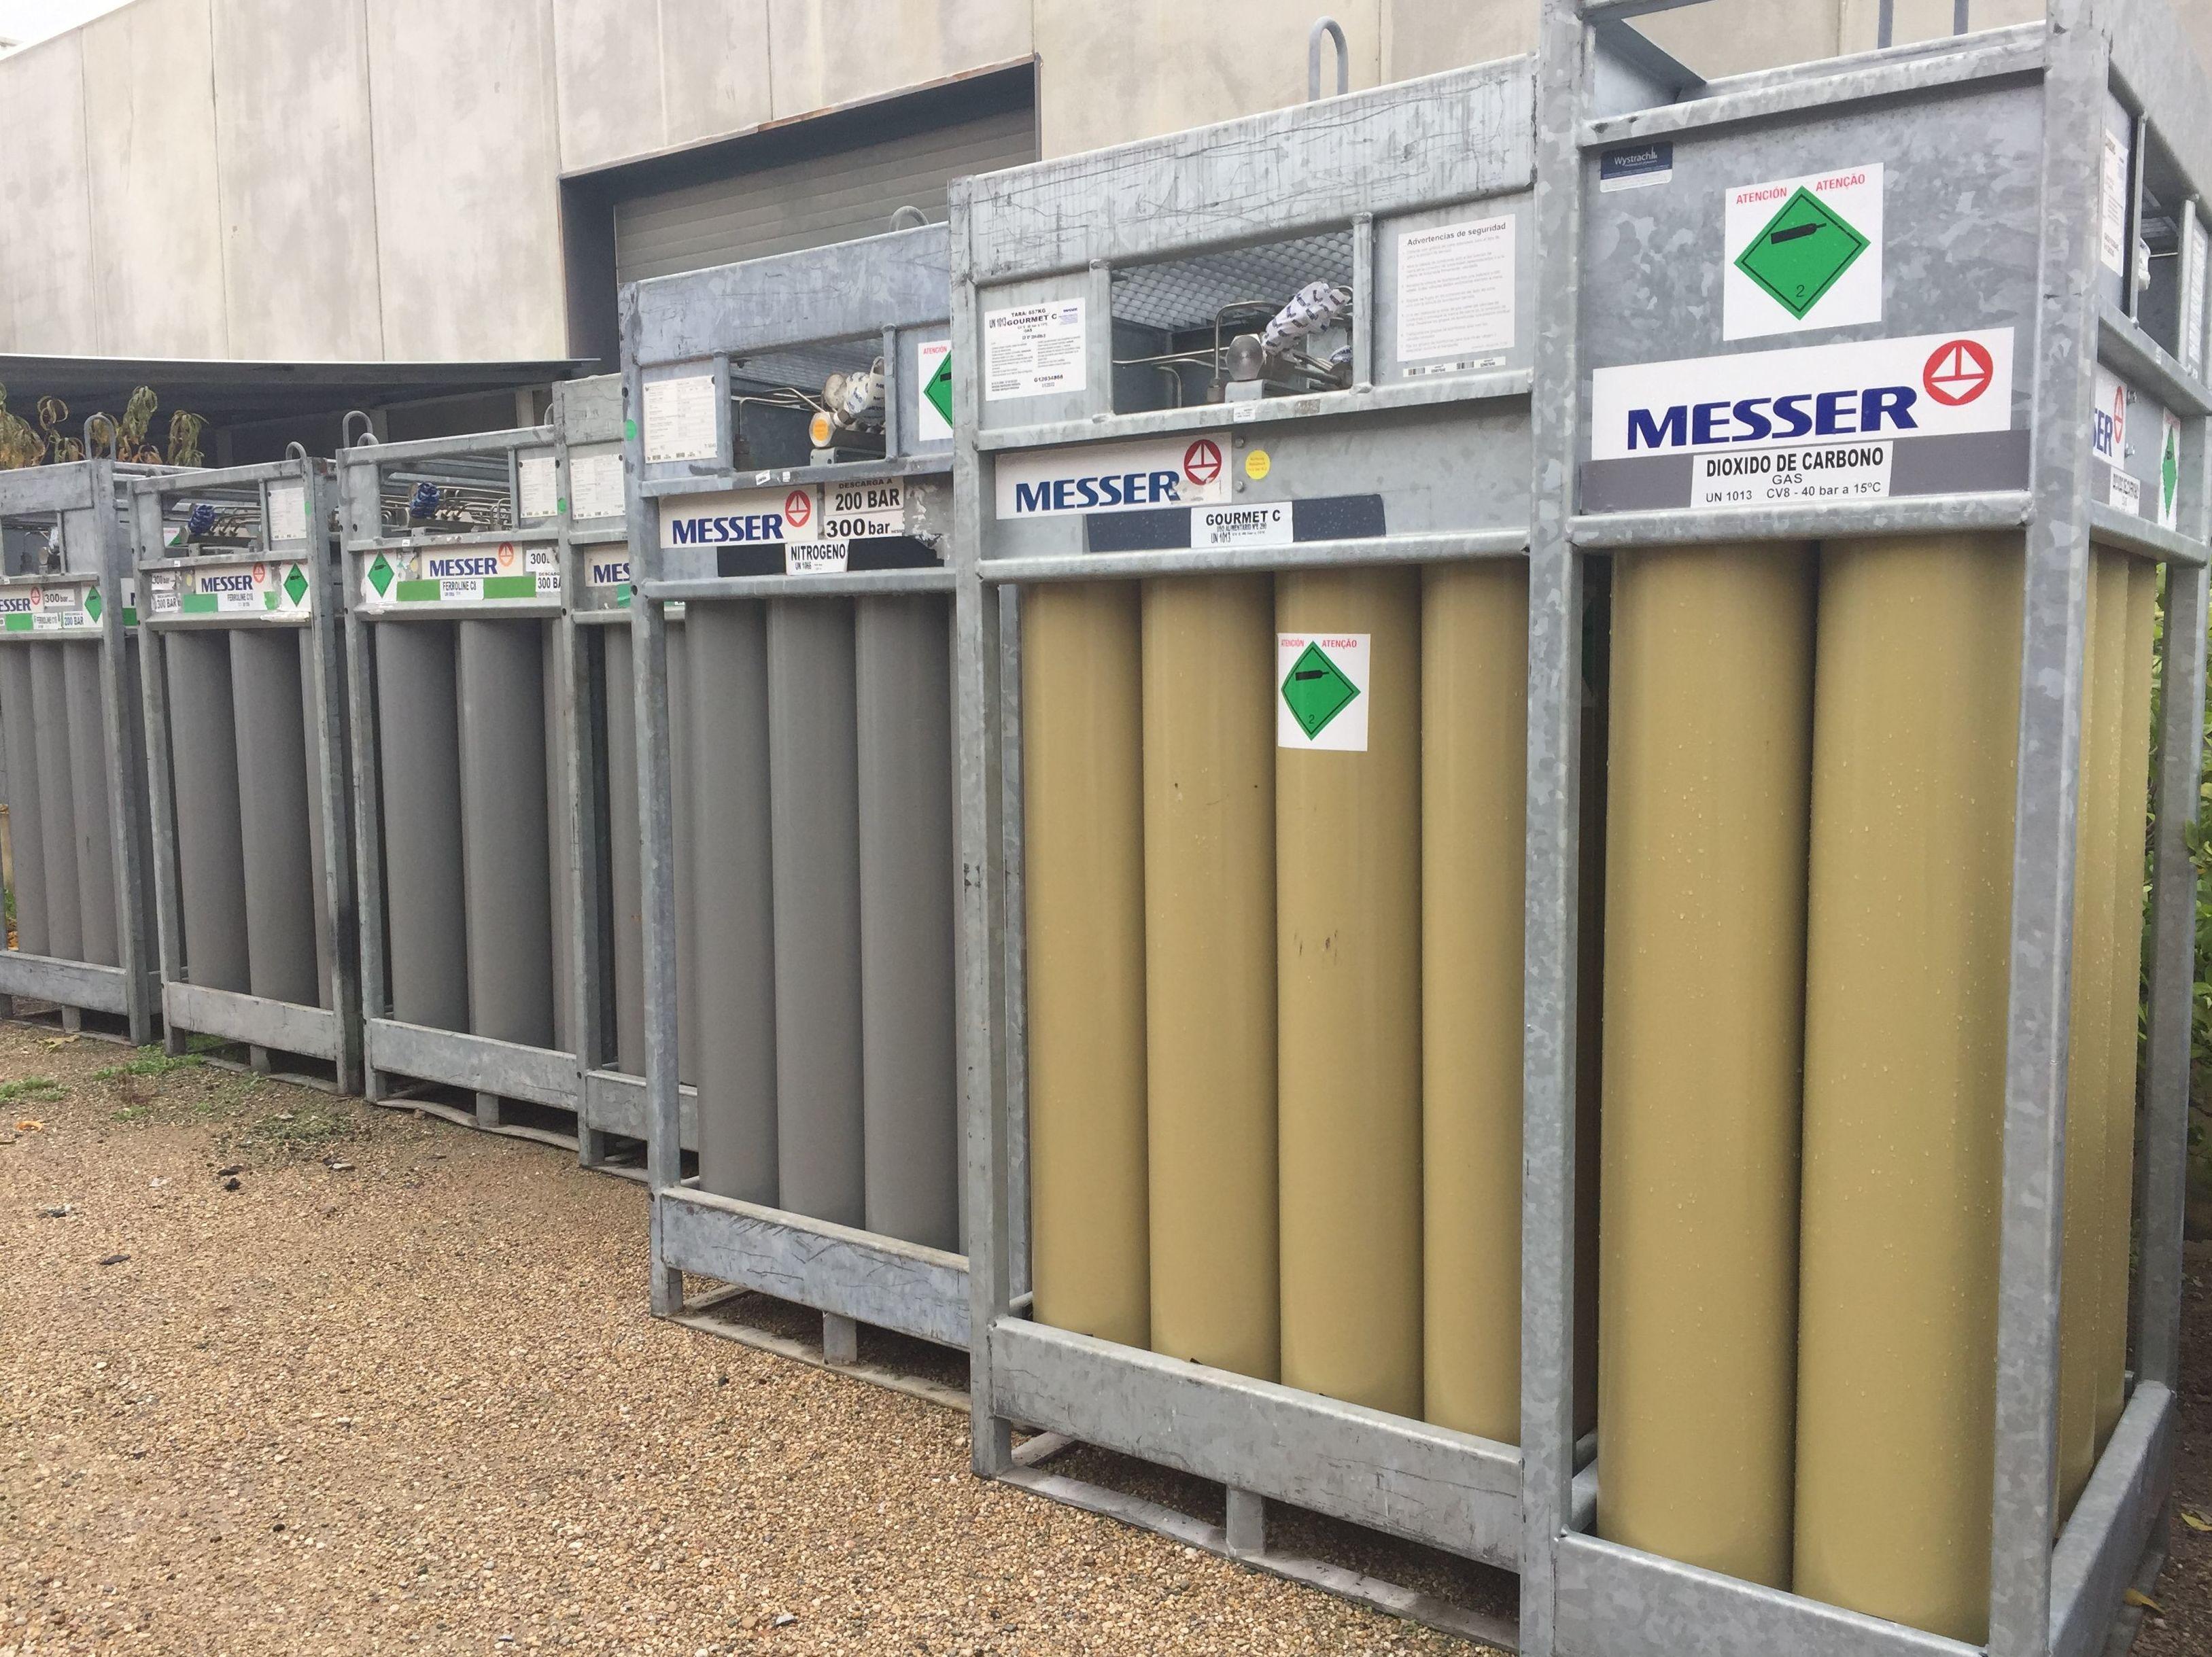 Foto 15 de Venta y distribución de gases industriales y alimentarios en San Ginés | Disgasin, S.L.